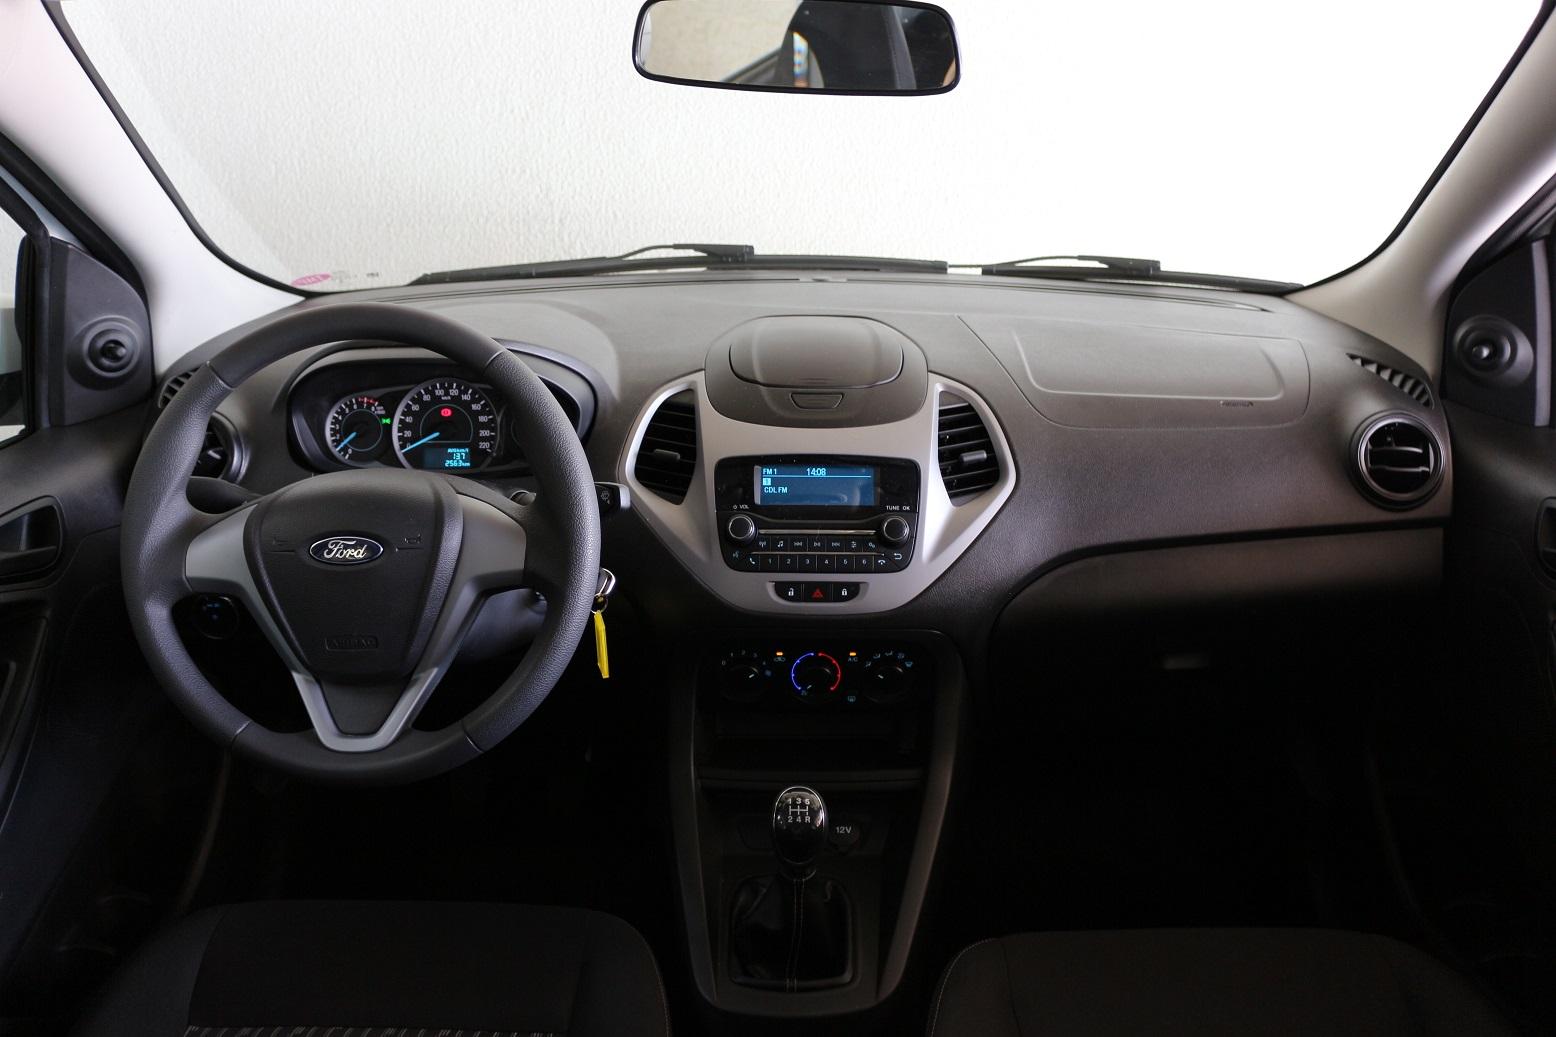 Ford Ka SE 1.0 mostra na avaliação do AutoPapo que tem o essencial como destaque